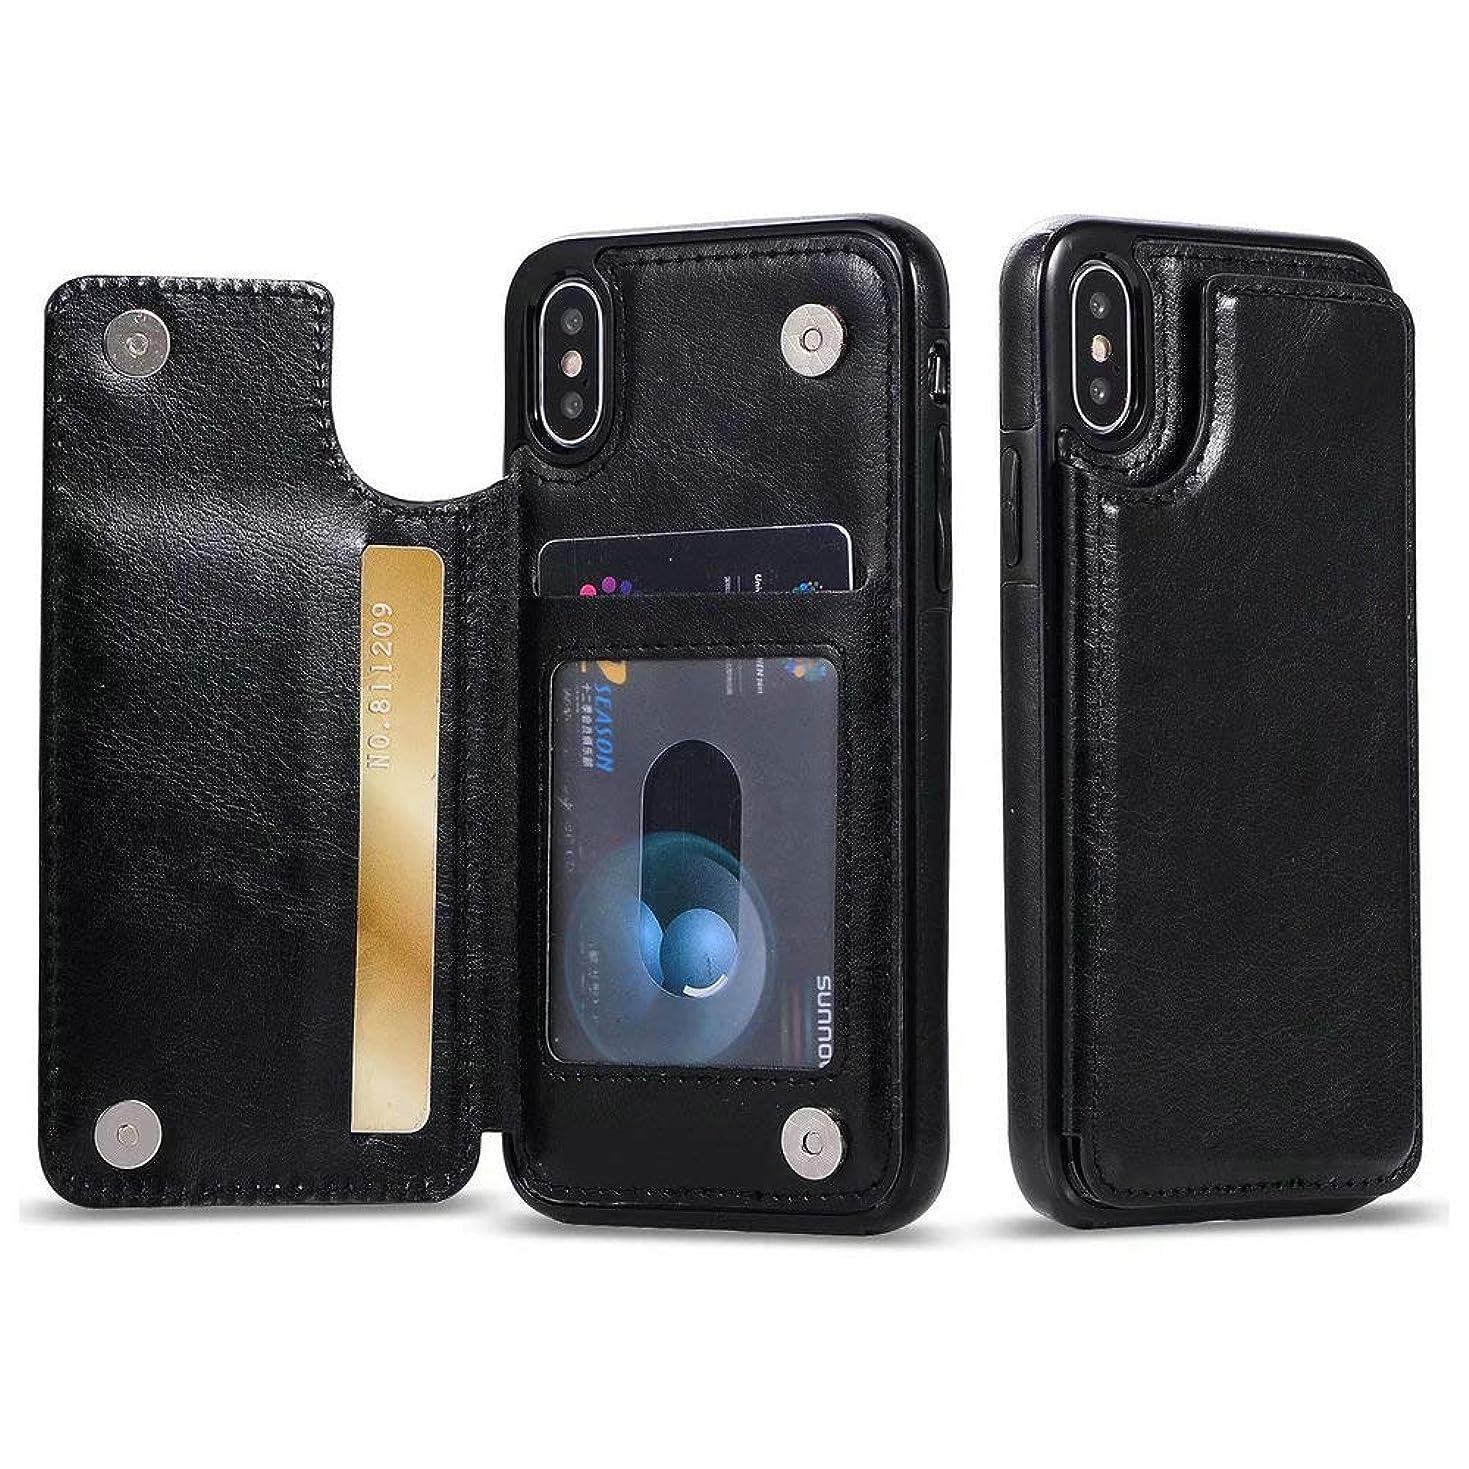 意志美しい以来iPhone ケース レディース メンズ 携帯ケース PU皮 カードポーチ 磁気 iPhone7/8/7Plus/8Plus,iPhone X/XR,iPhoneXS/XS MAX (iPhone XS MAX ケース)